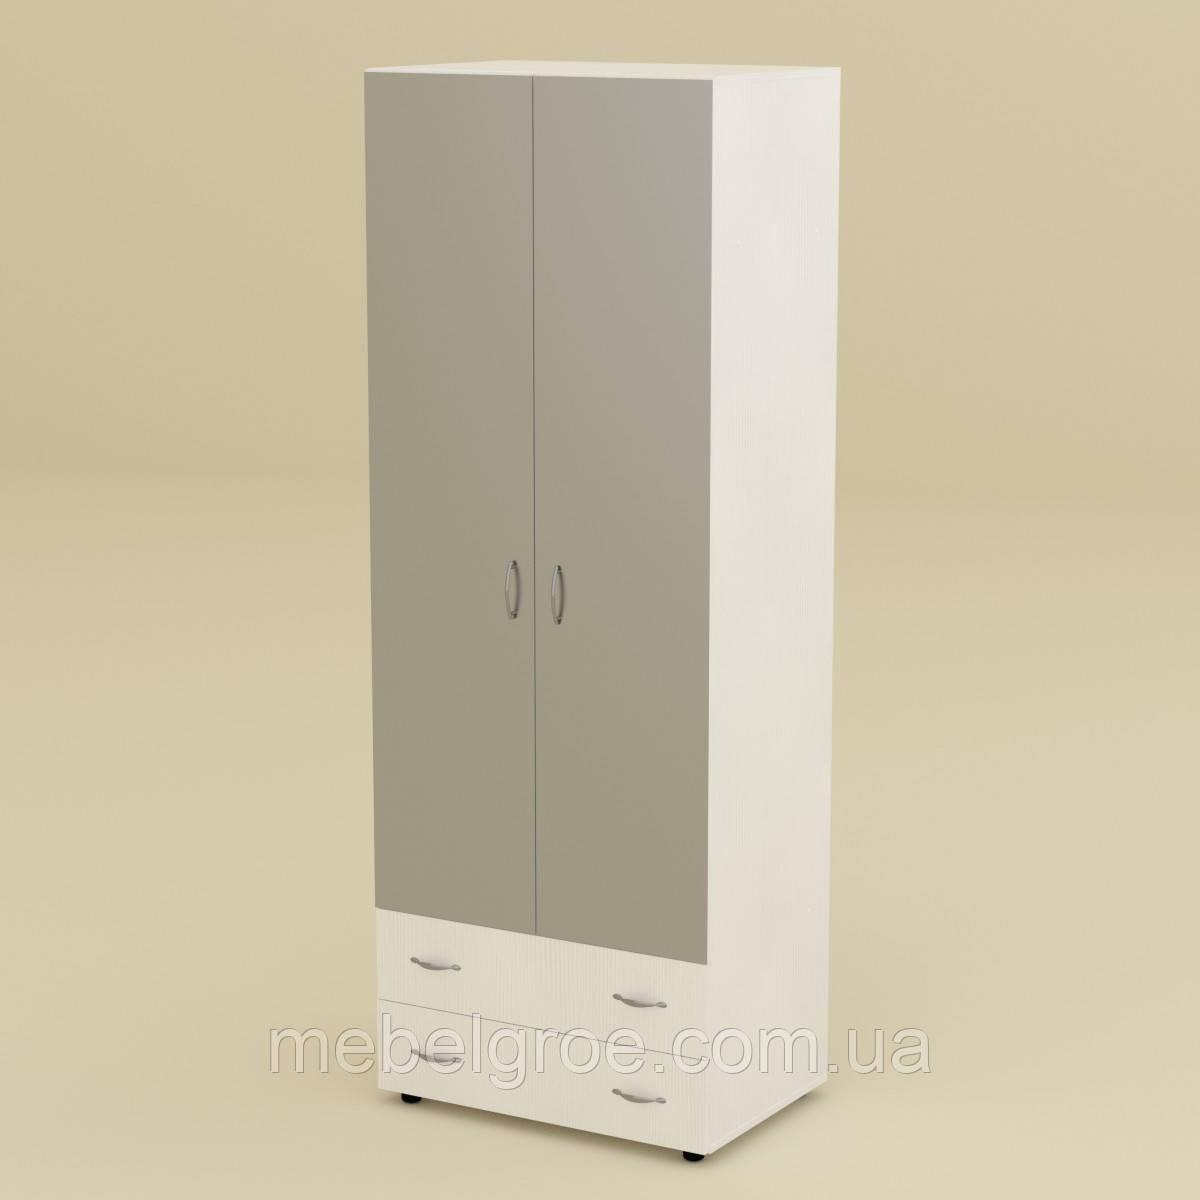 Шкаф для одежды 5 тм Компанит